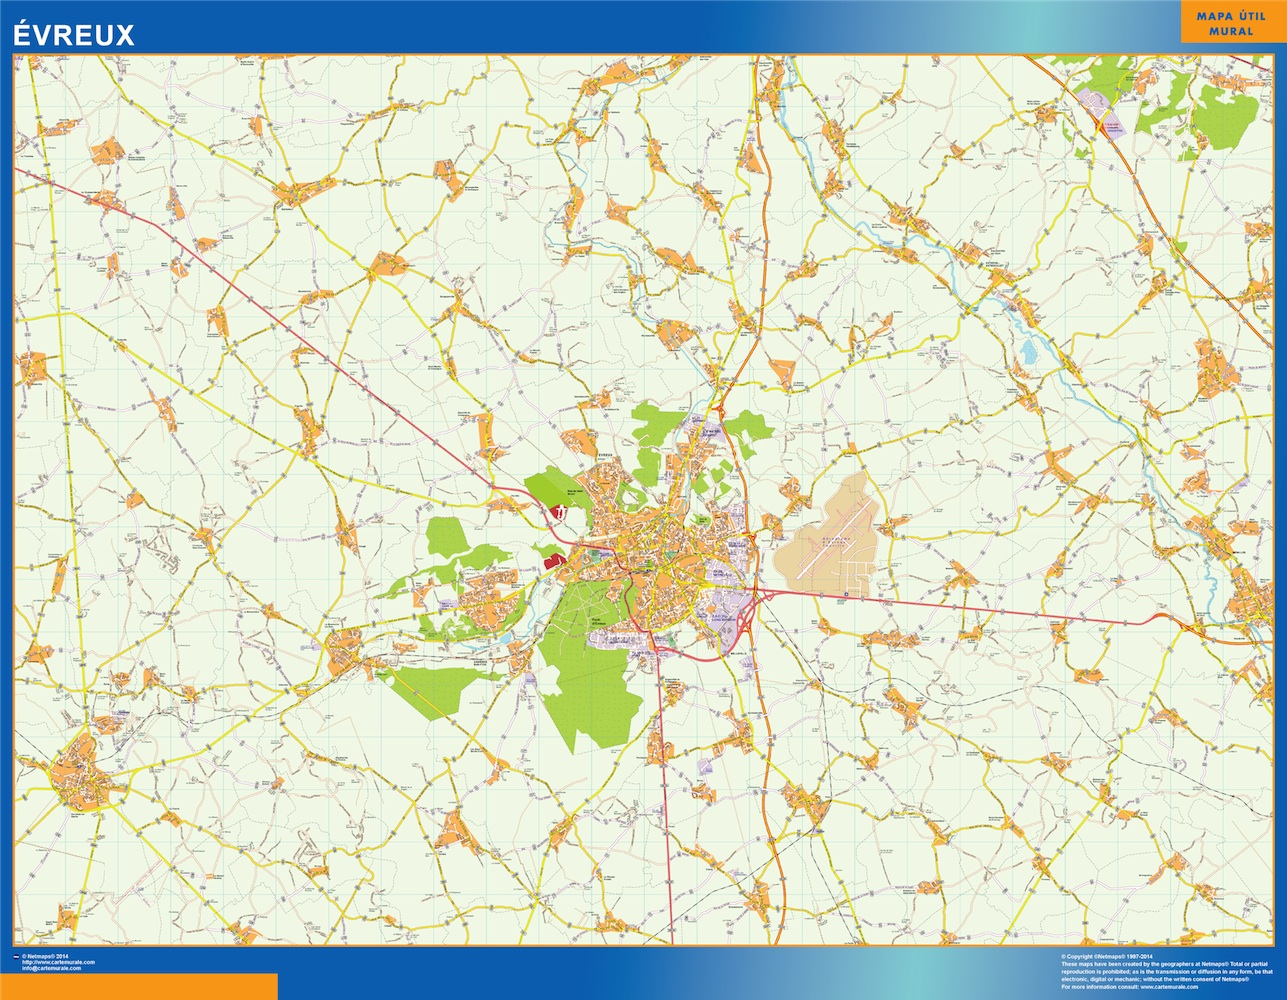 Mapa Evreux en Francia plastificado gigante